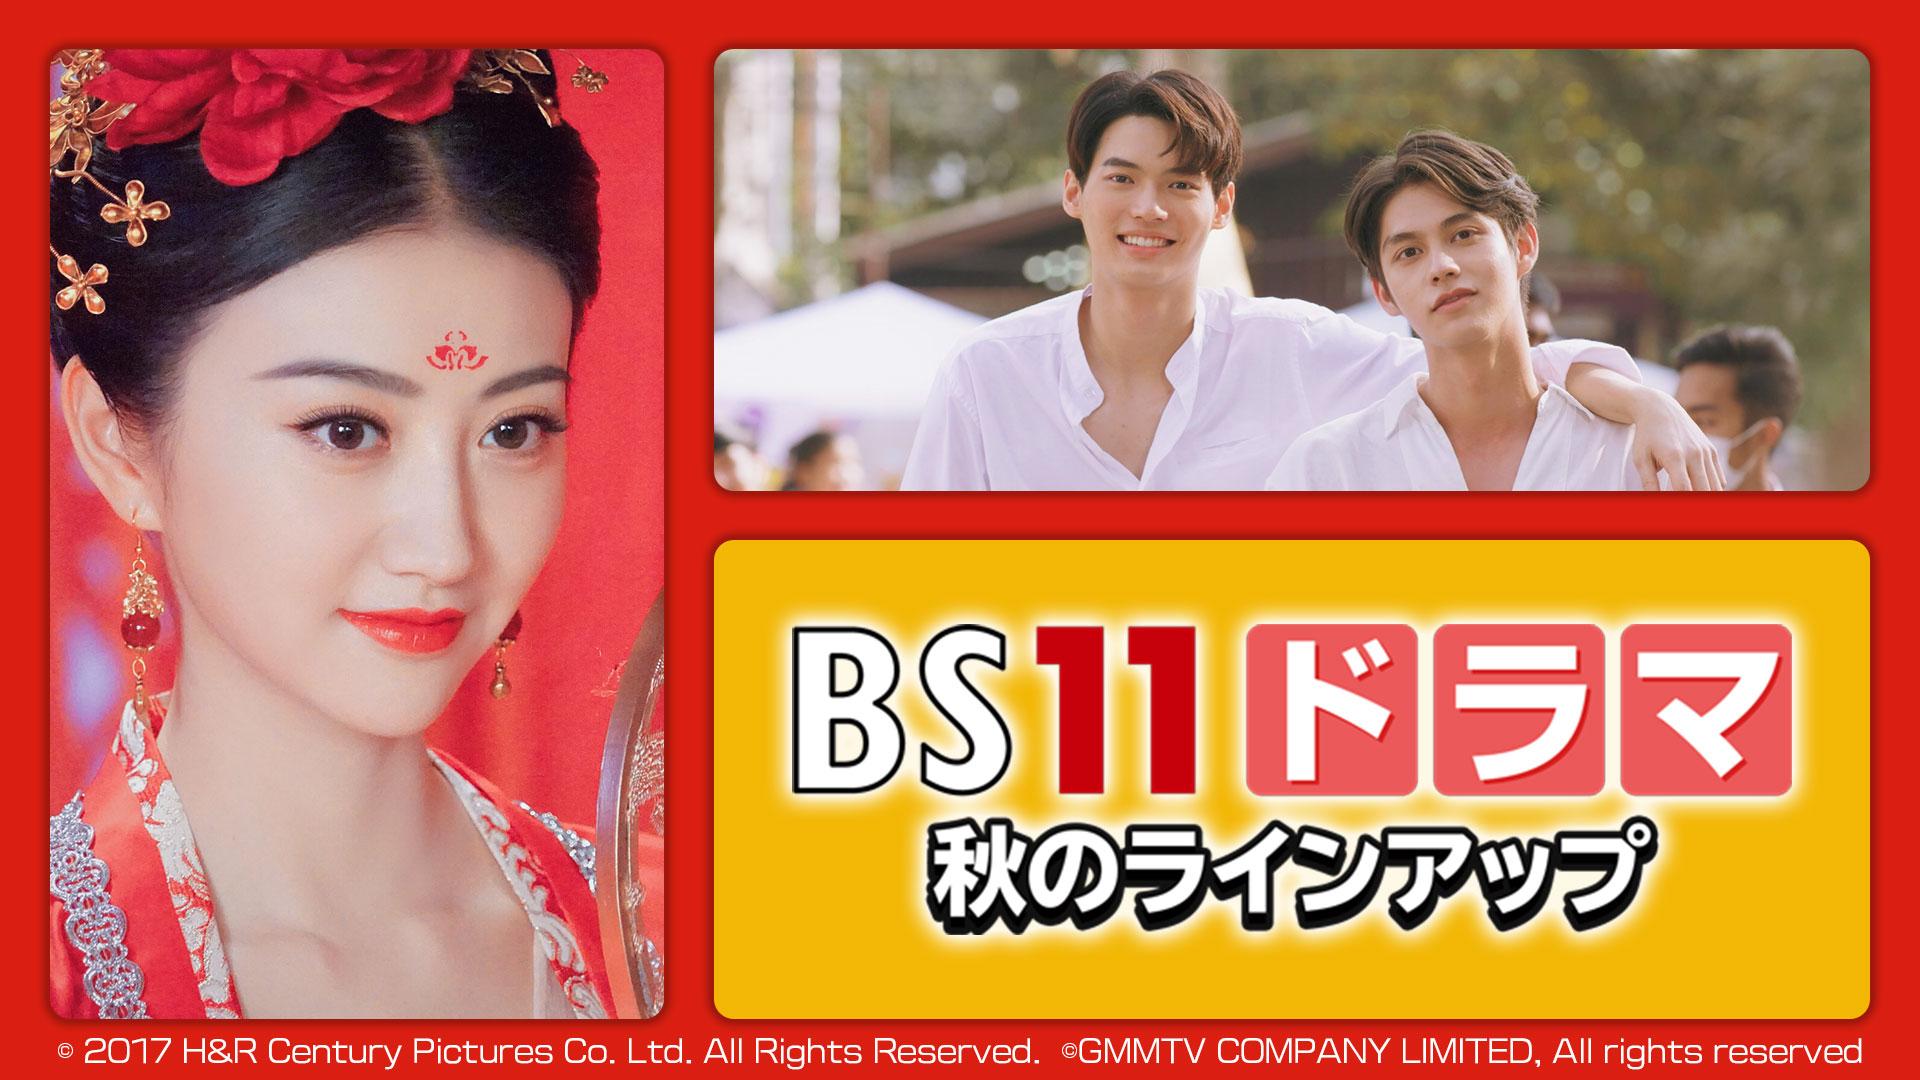 BS11ドラマ 秋のラインアップ